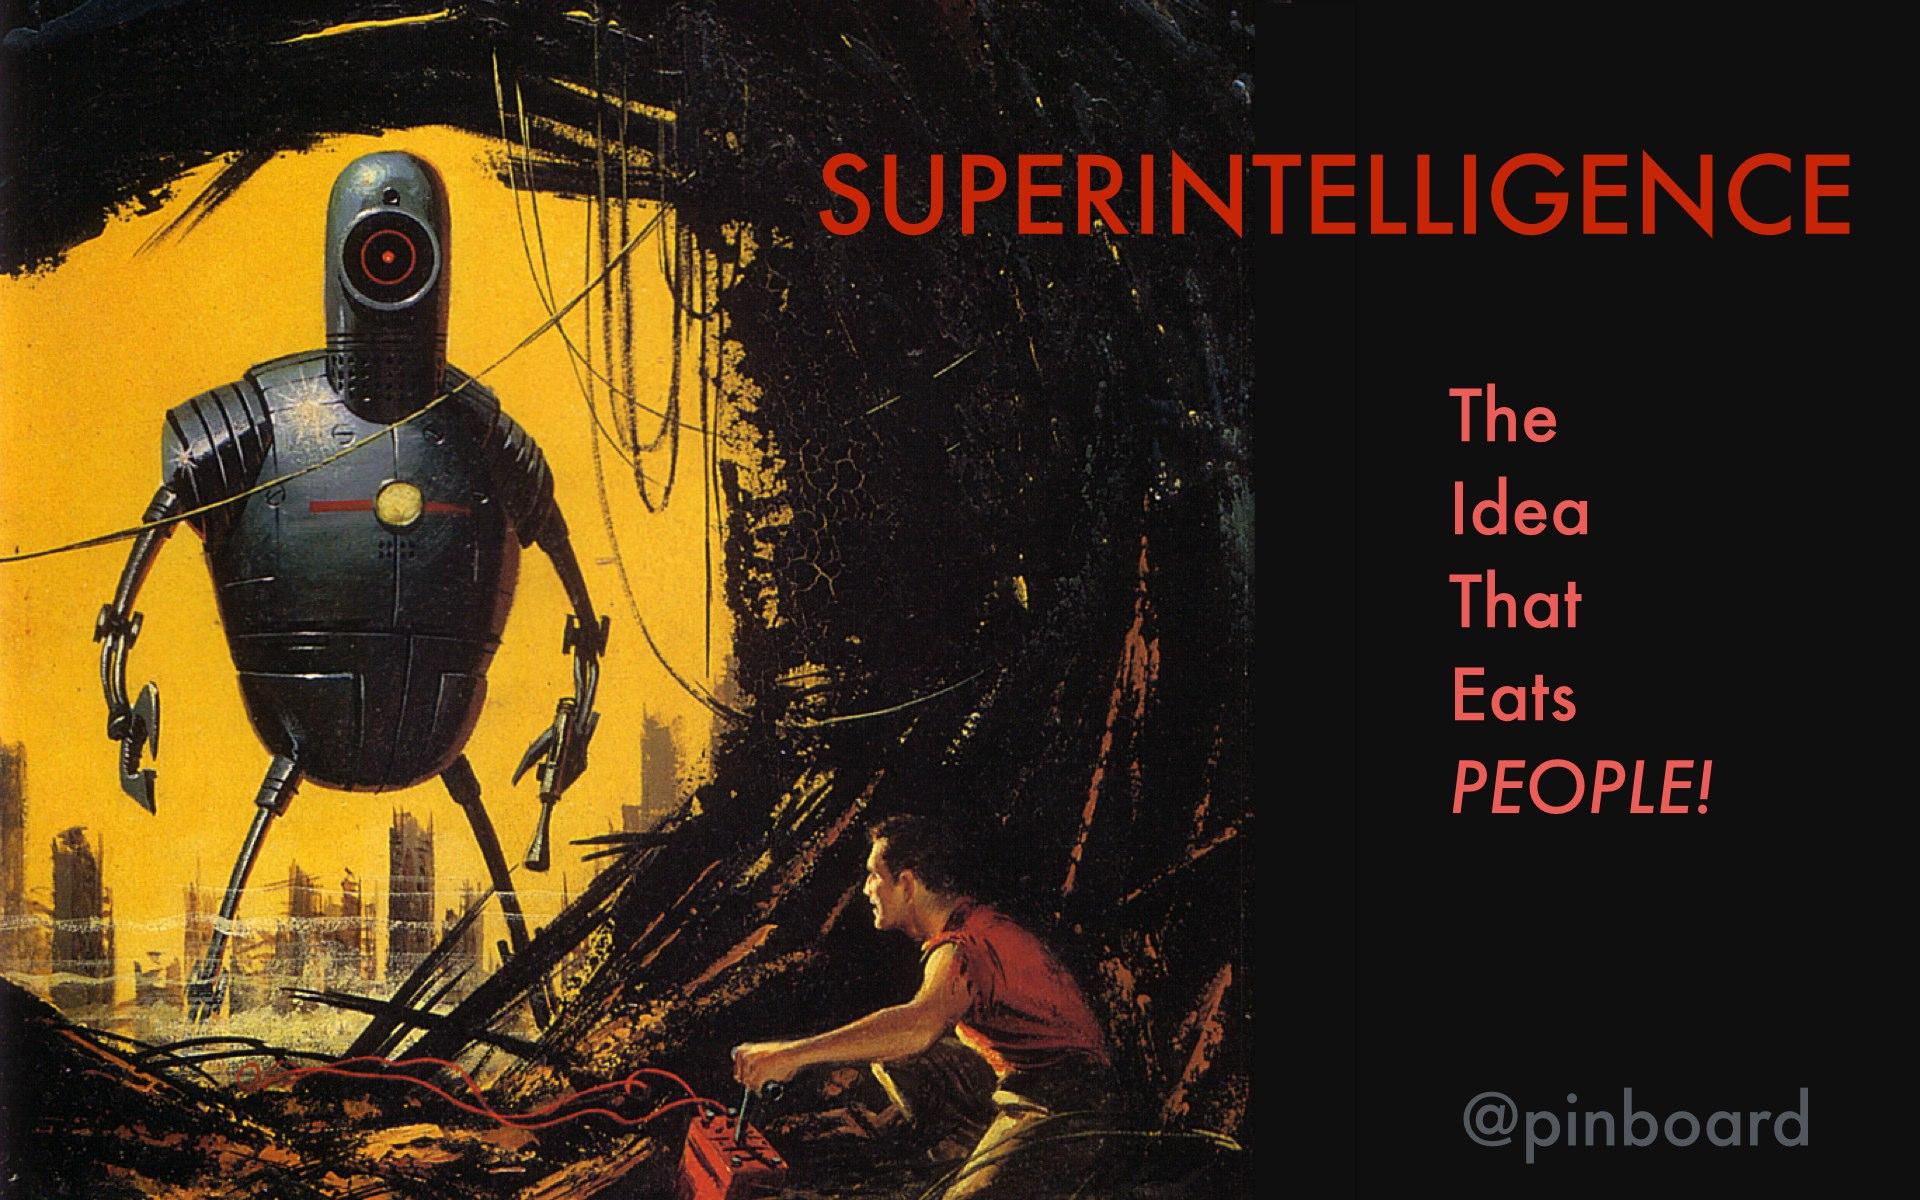 Сверхинтеллект: идея, не дающая покоя умным людям - 1